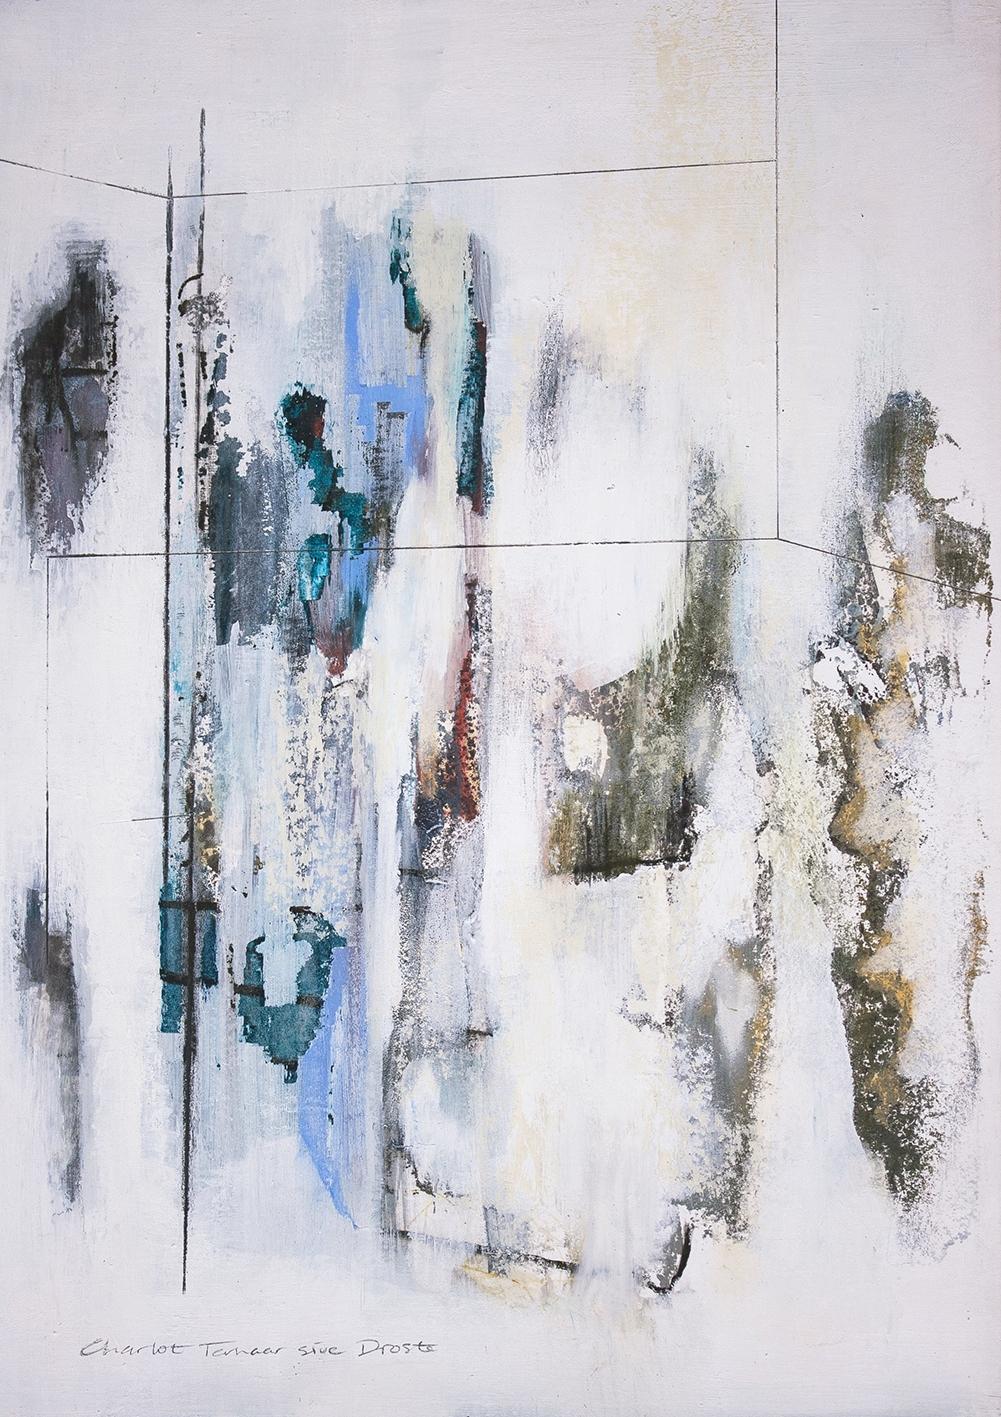 Schilderij #327